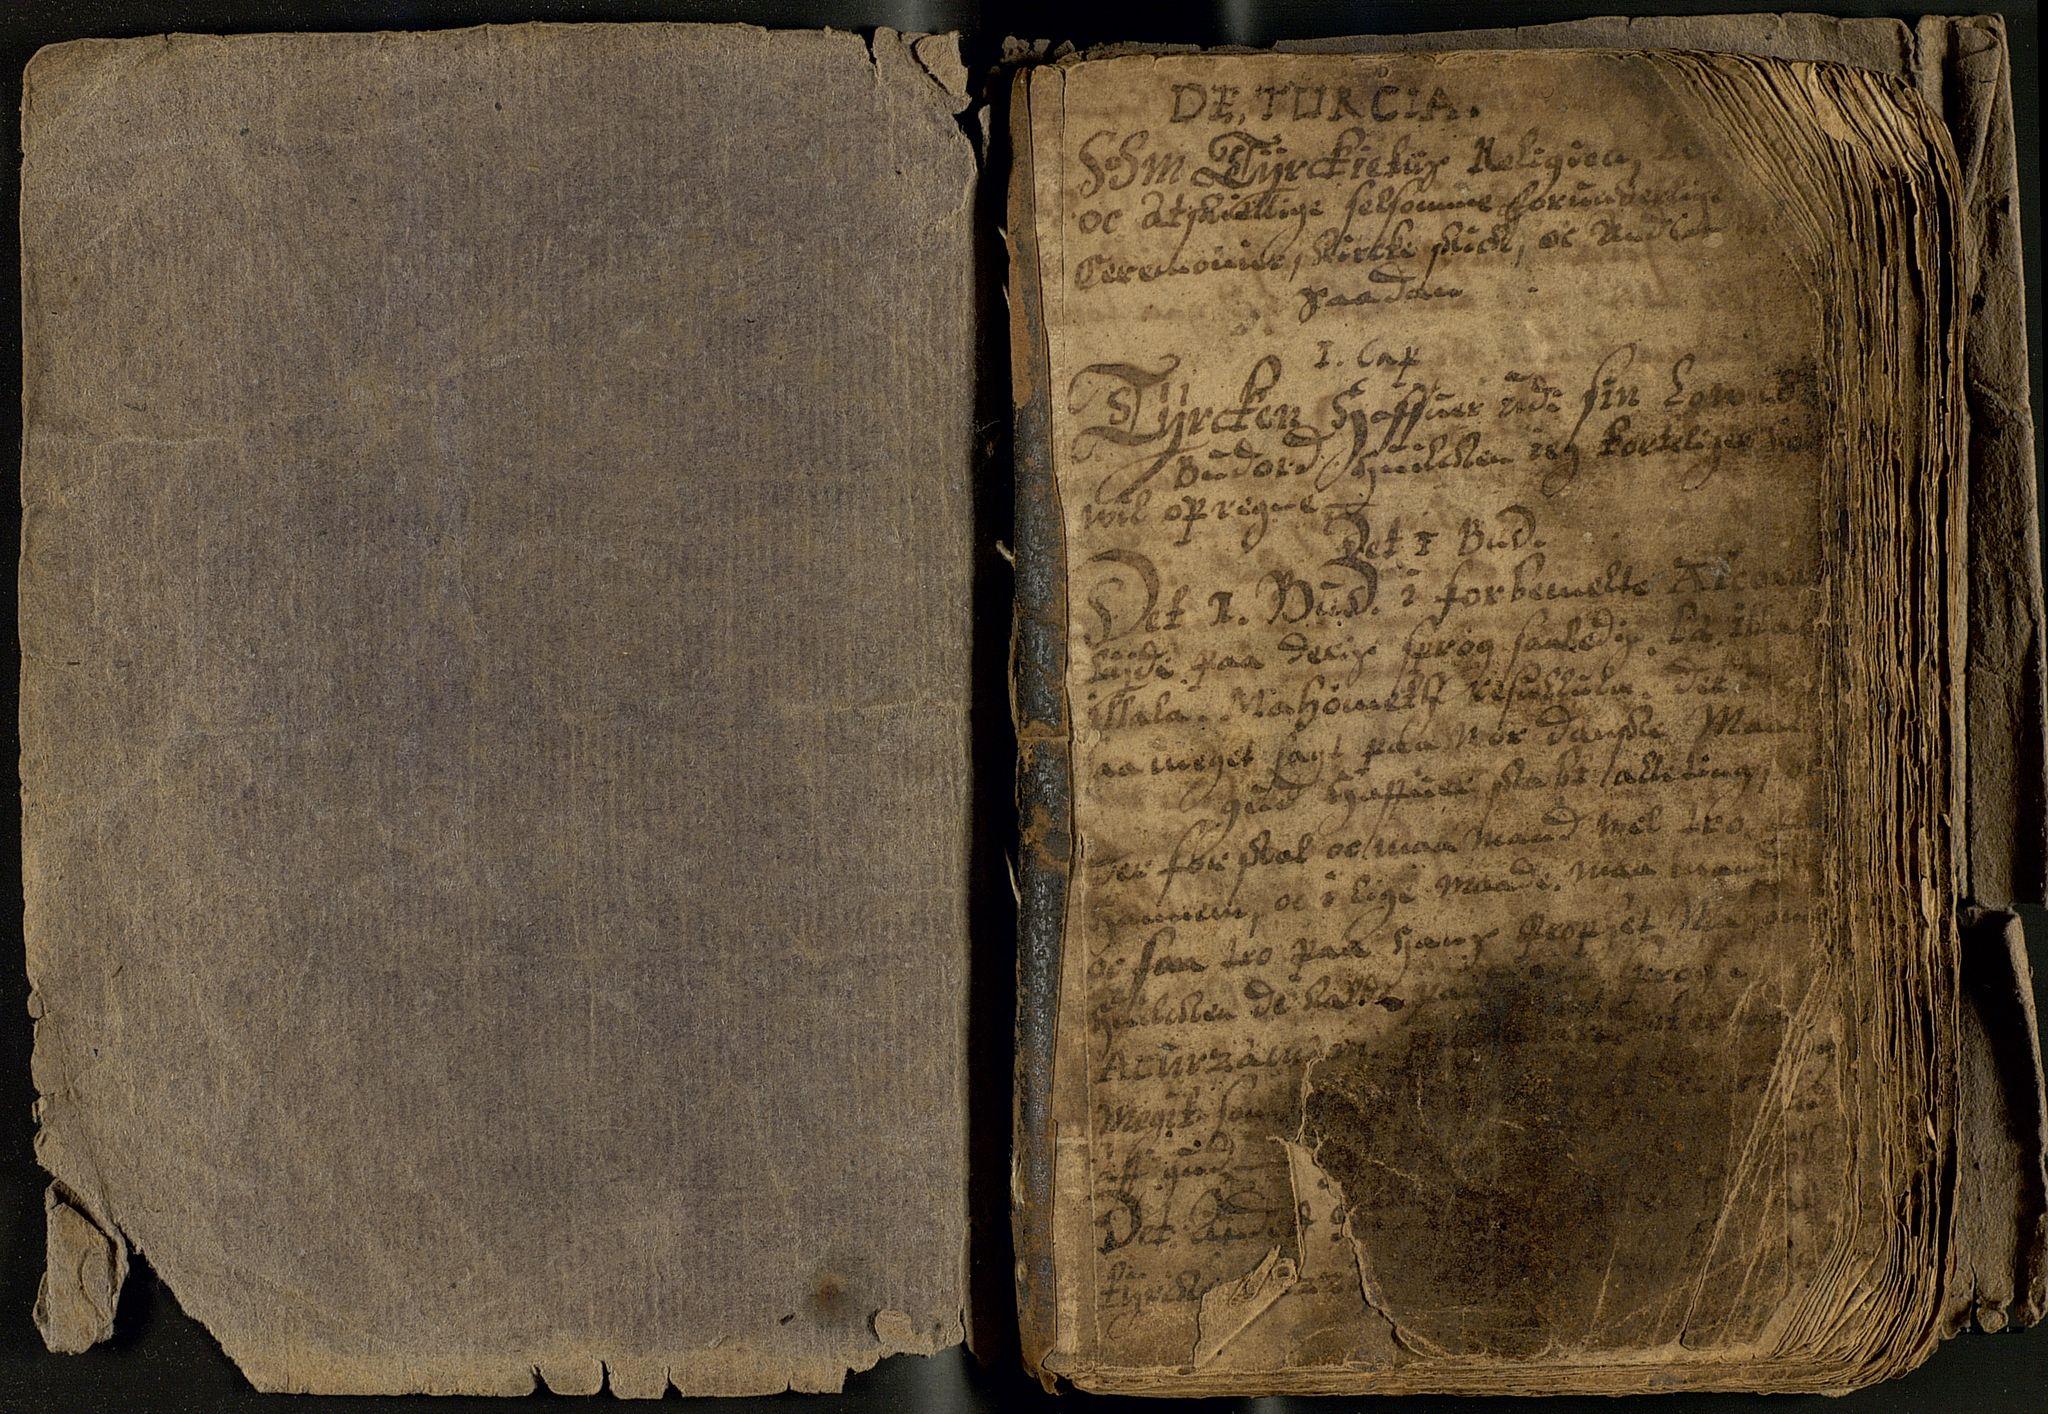 SAB, Dokumentsamling - Statsarkivet i Bergen, B/L0008: Dokumenter, 1677-1704